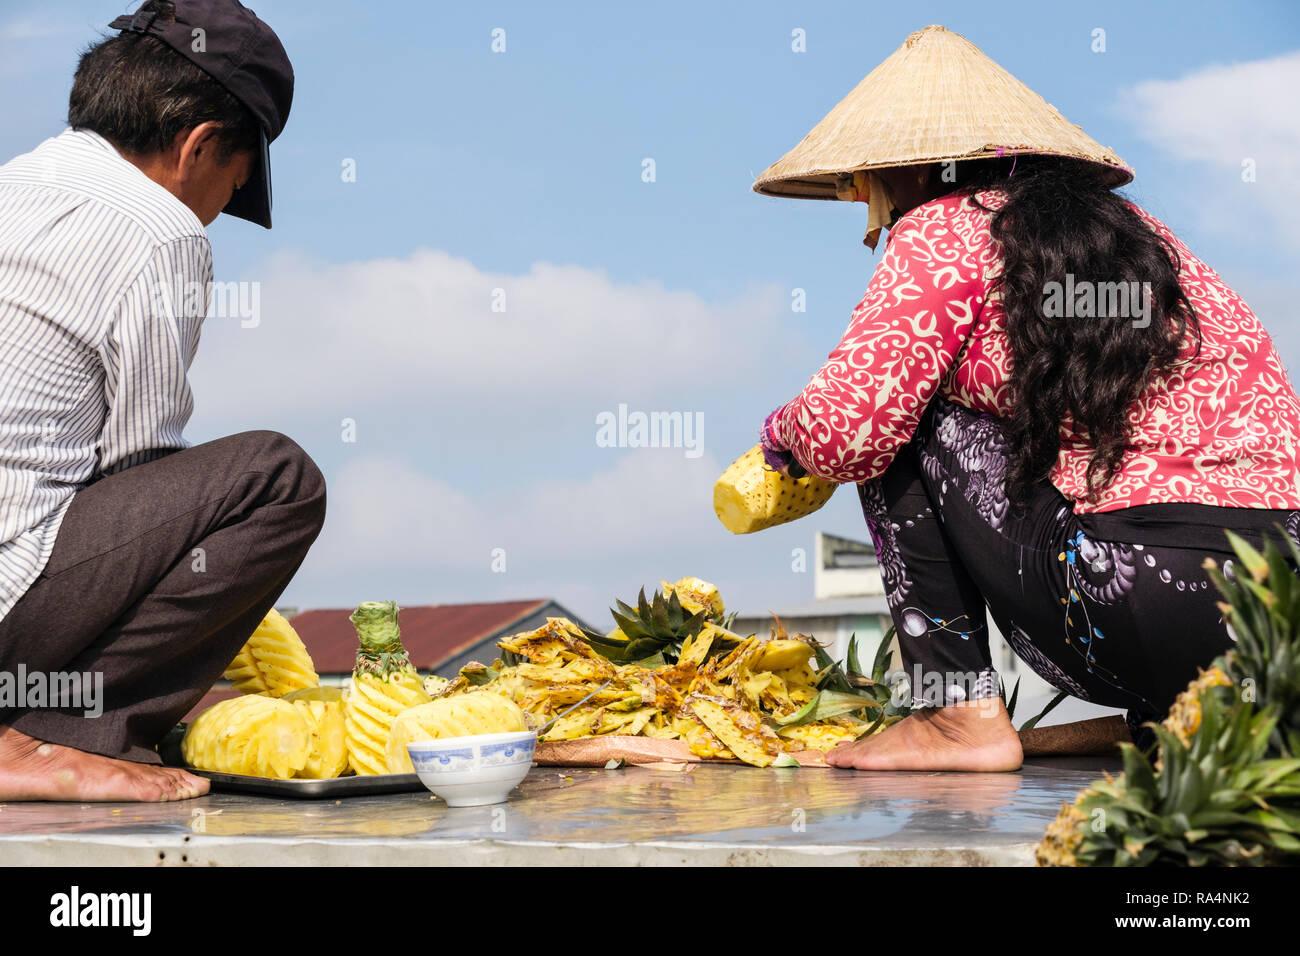 Eine vietnamesische Mann und Frau bereiten Ananas Obst in schwimmenden Markt auf Hau Flusses zu verkaufen. Can Tho, Mekong Delta, Vietnam, Asien Stockbild